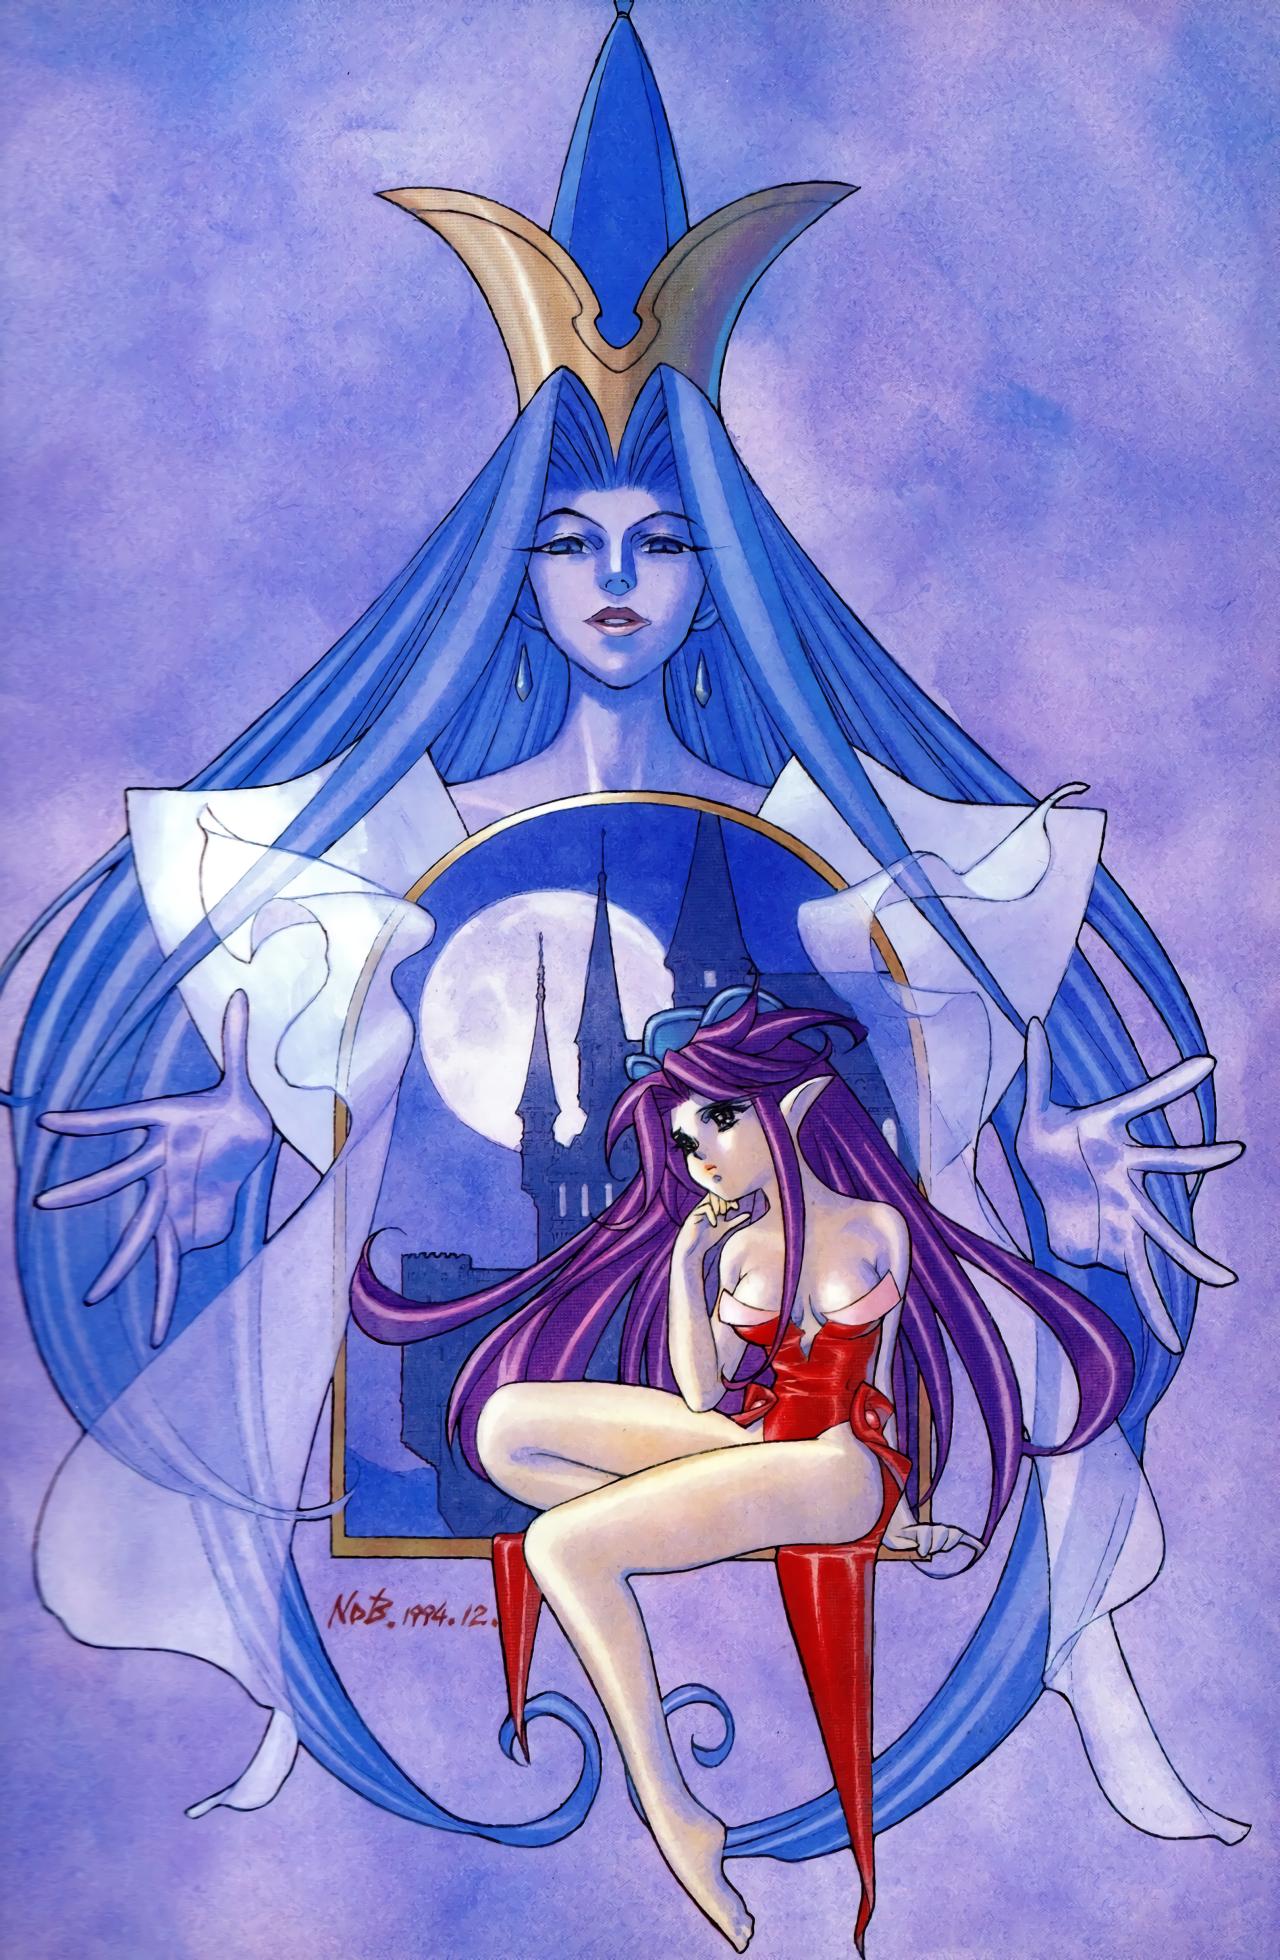 Seiken Densetsu 3 Illustration Book - Angela